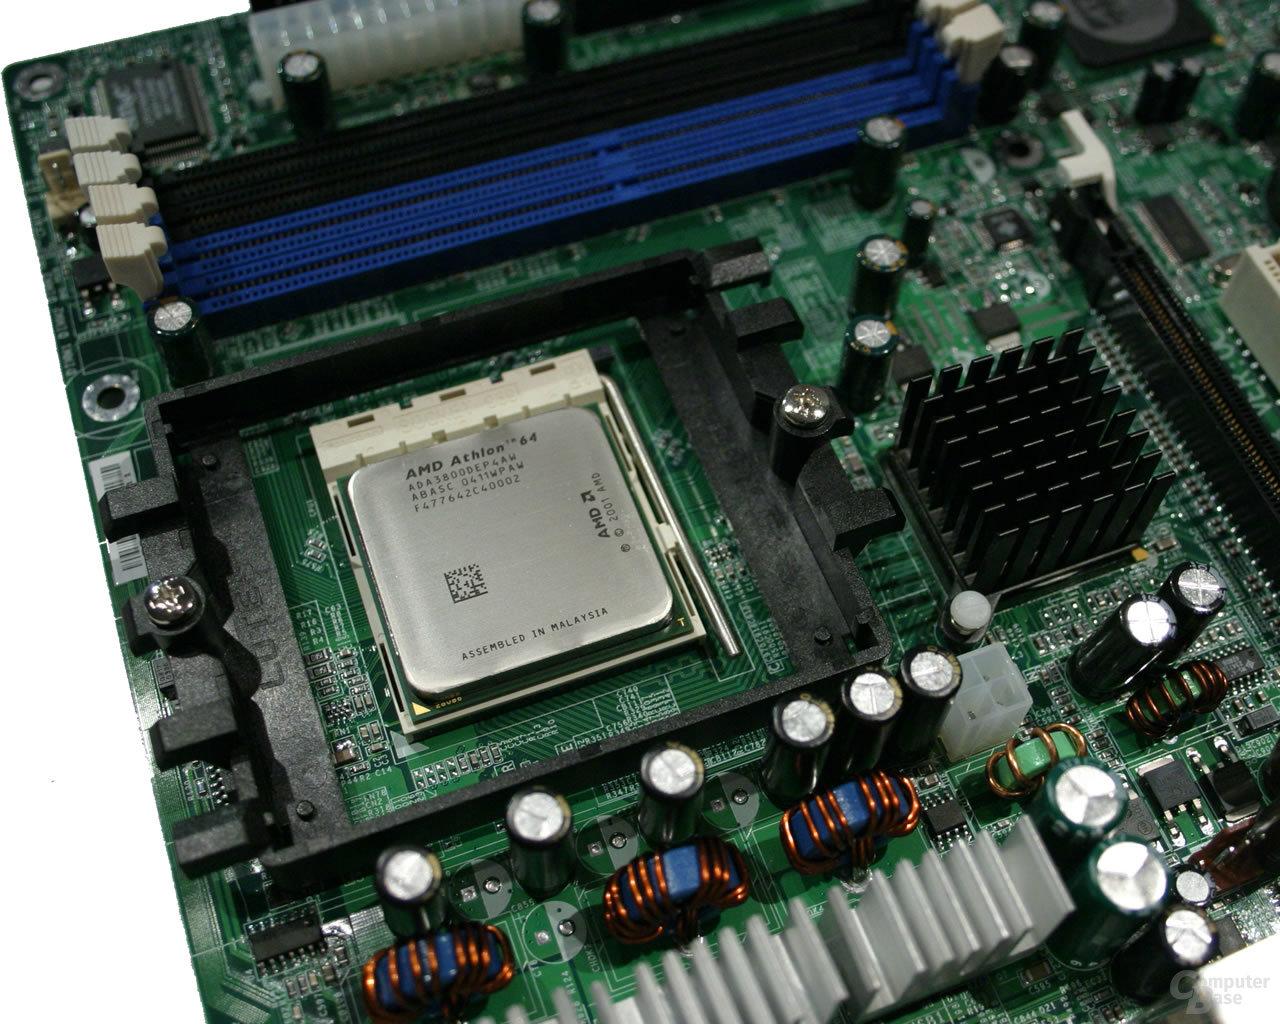 Für den Test gesellte sich ein Athlon 64 3800+ (Newcastle) zum Board.